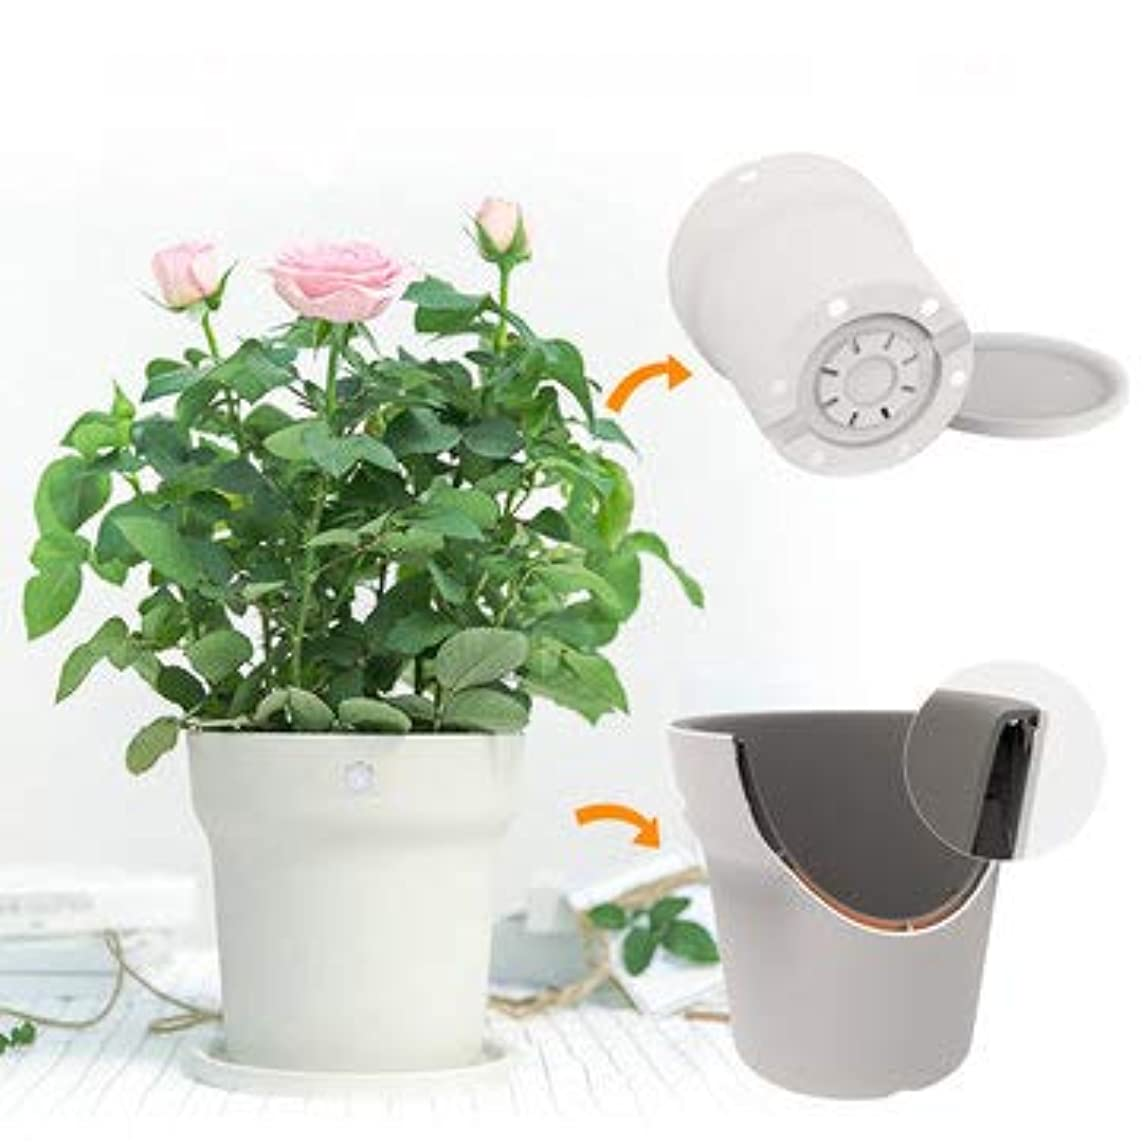 Original Flora Smart Flower Pot Monitor Digital Plants Grass Soil Water Tester Sensor - Gardening Garden Pots & Planters